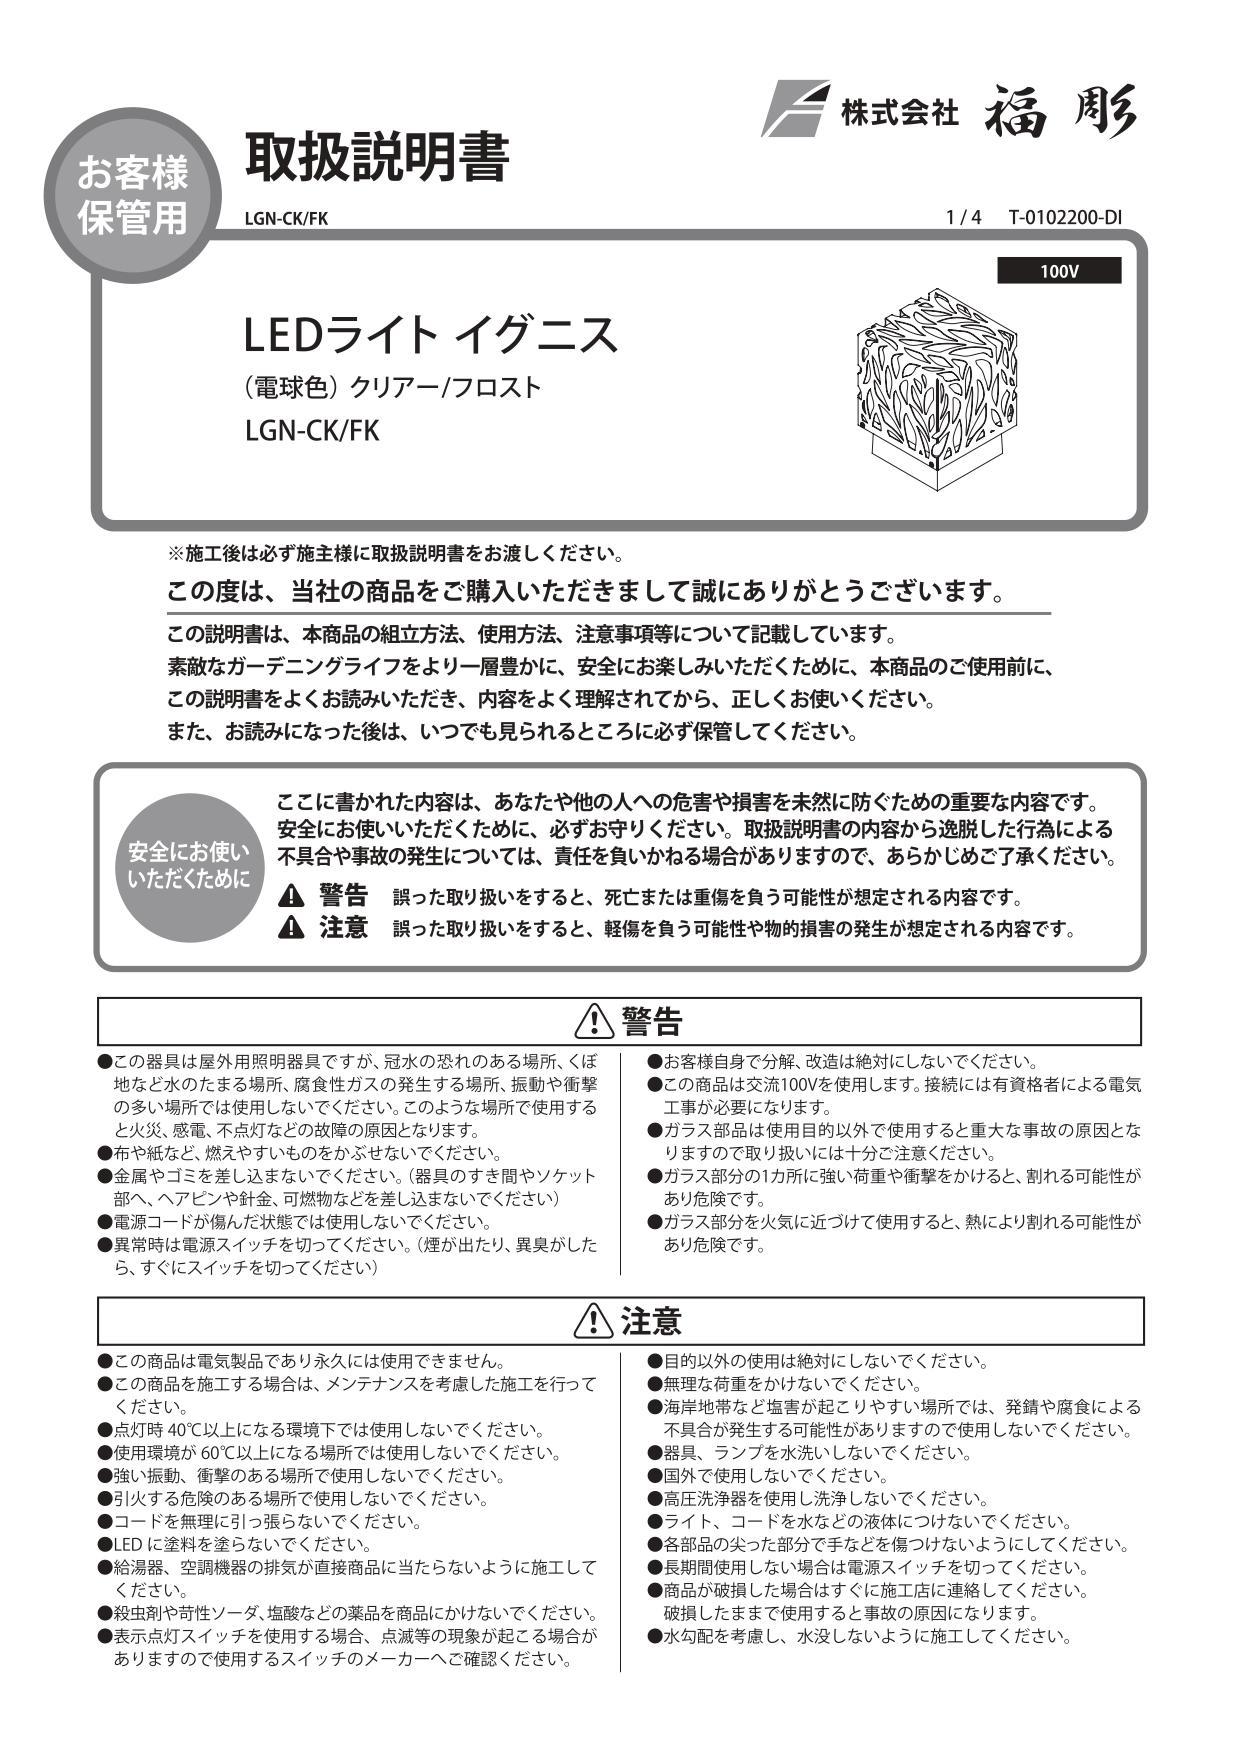 イグニス 施工説明書_page-0001